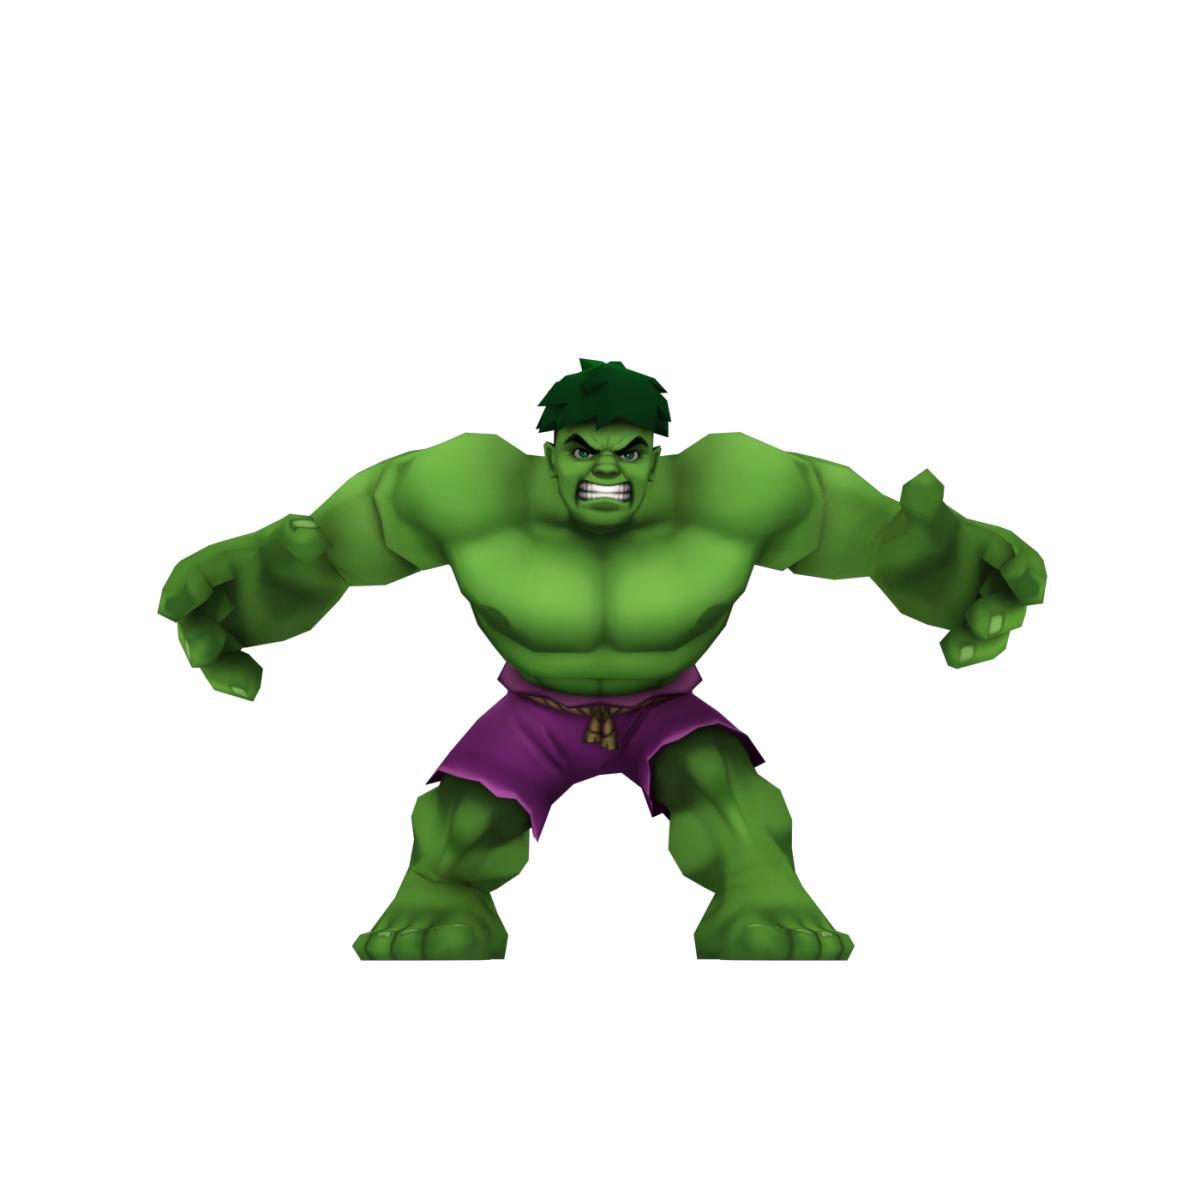 Klicke auf die Grafik für eine größere AnsichtName:ProSiebenSat.1 Digital_SHSO_Hulk.jpgHits:172Größe:47,1 KBID:4902